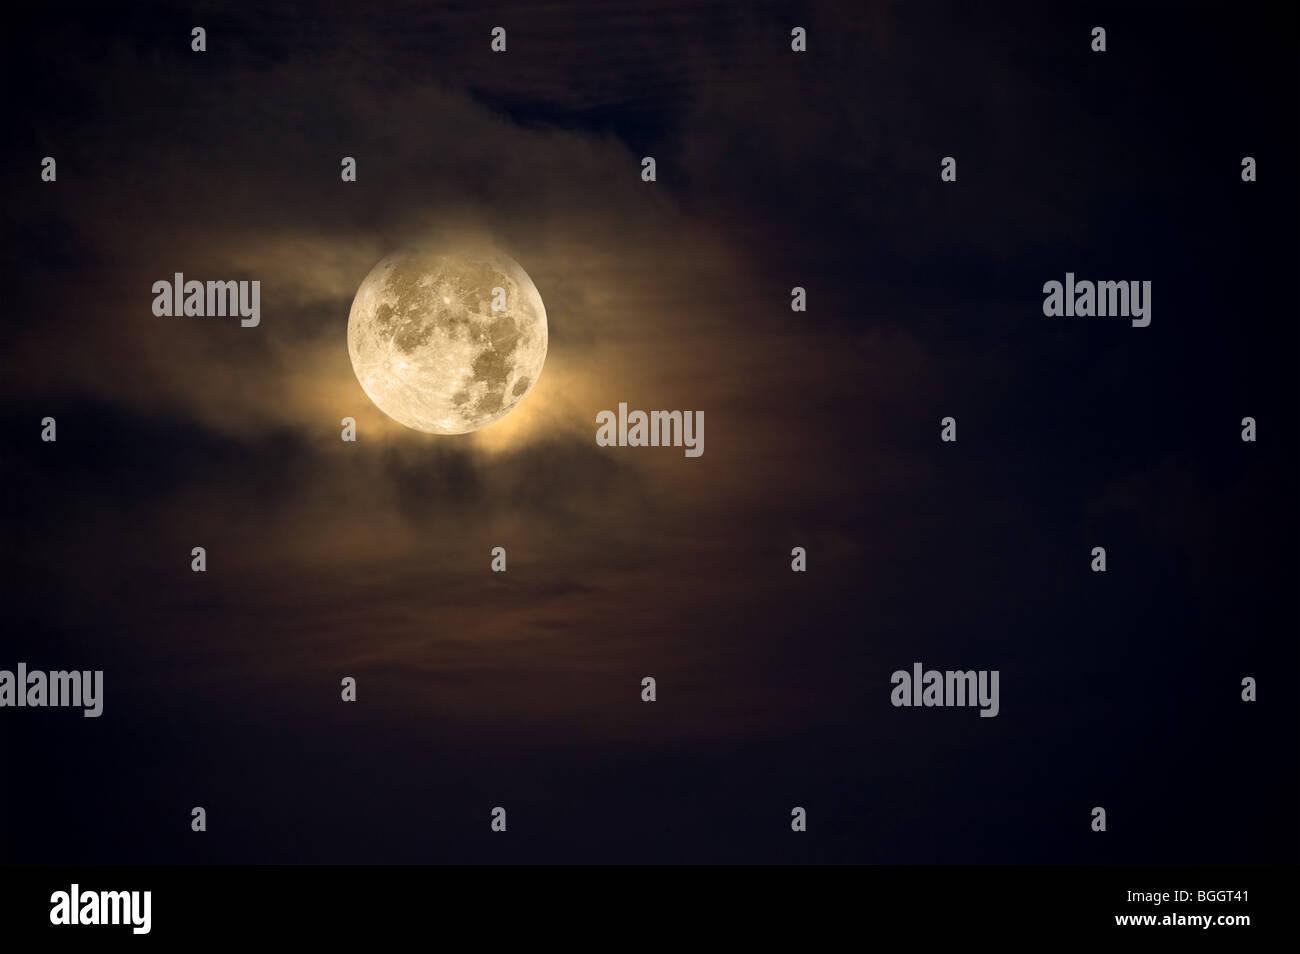 Una noche oscura trae una brillante luna ámbar vivo con hinchadas nubes nebuloso. Imagen De Stock